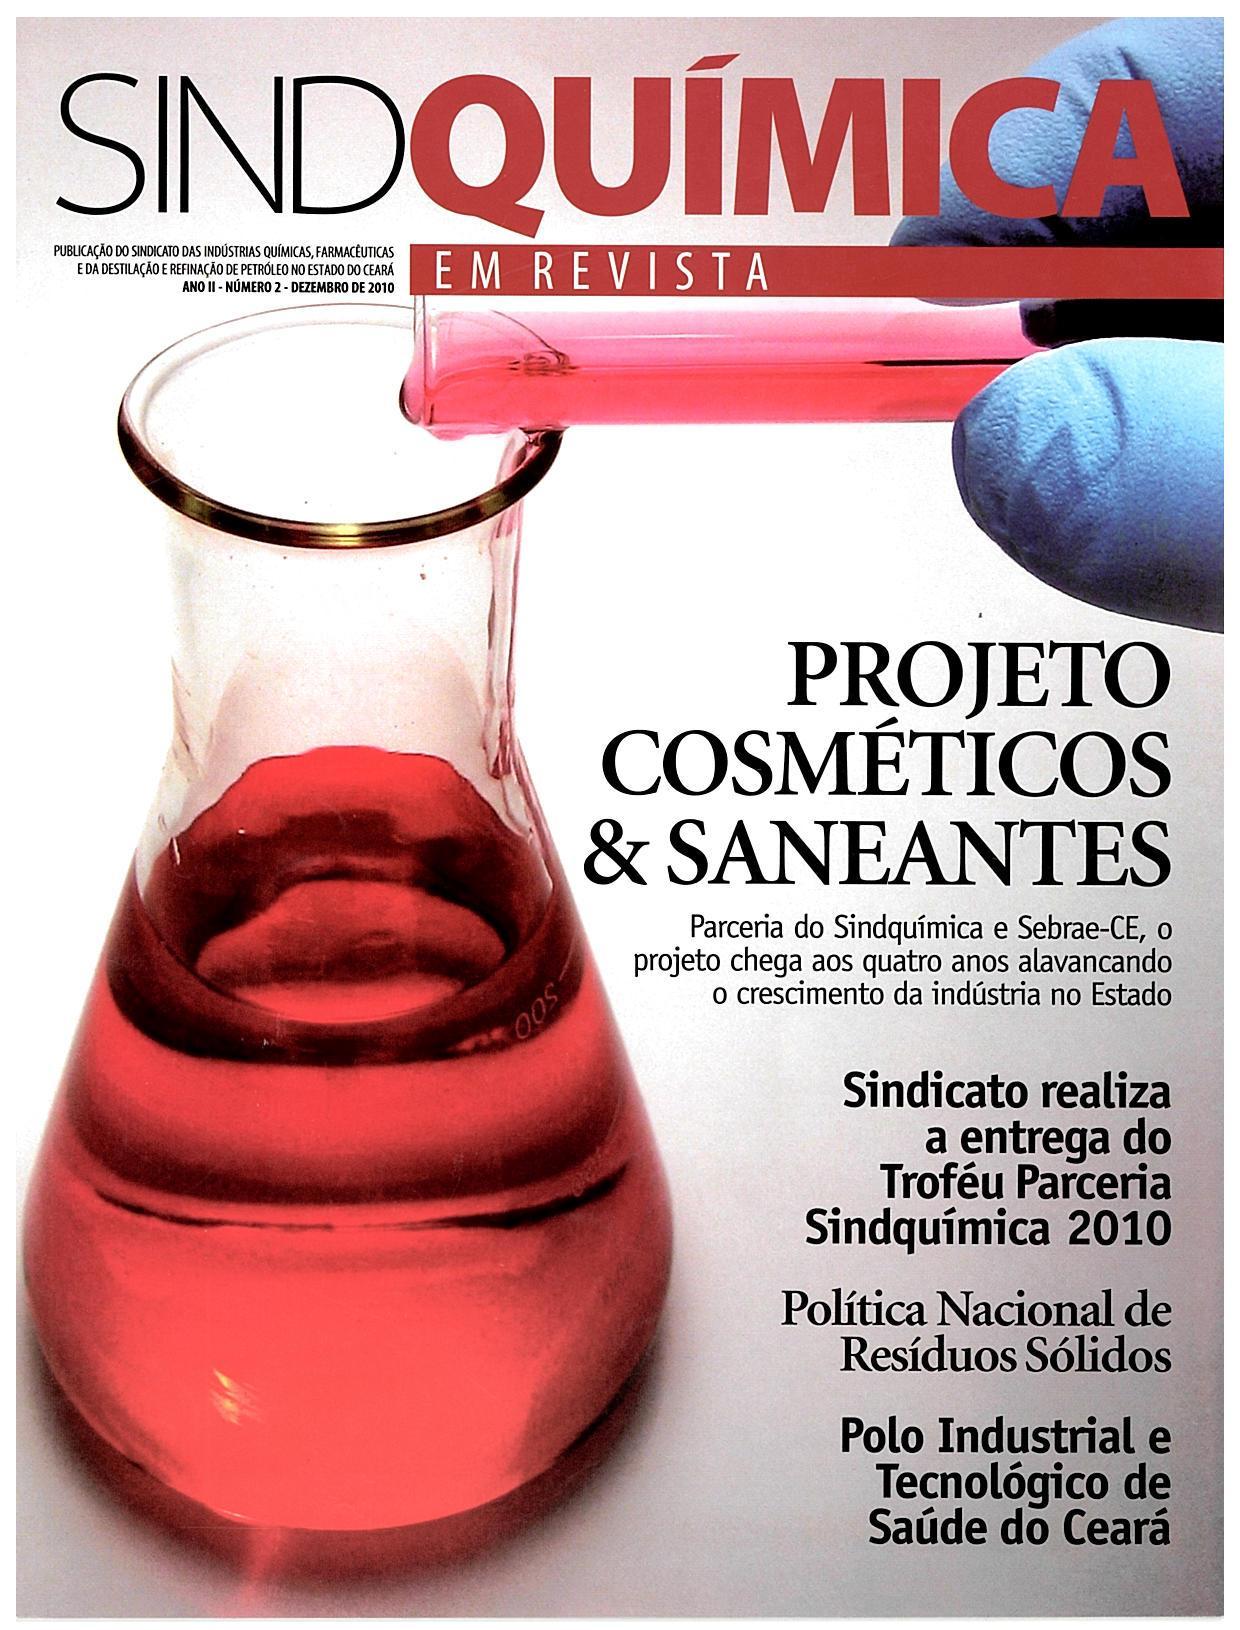 Reportagem na revista SindQuímina sobre homenagem recebida como parceiro no ano em 2010